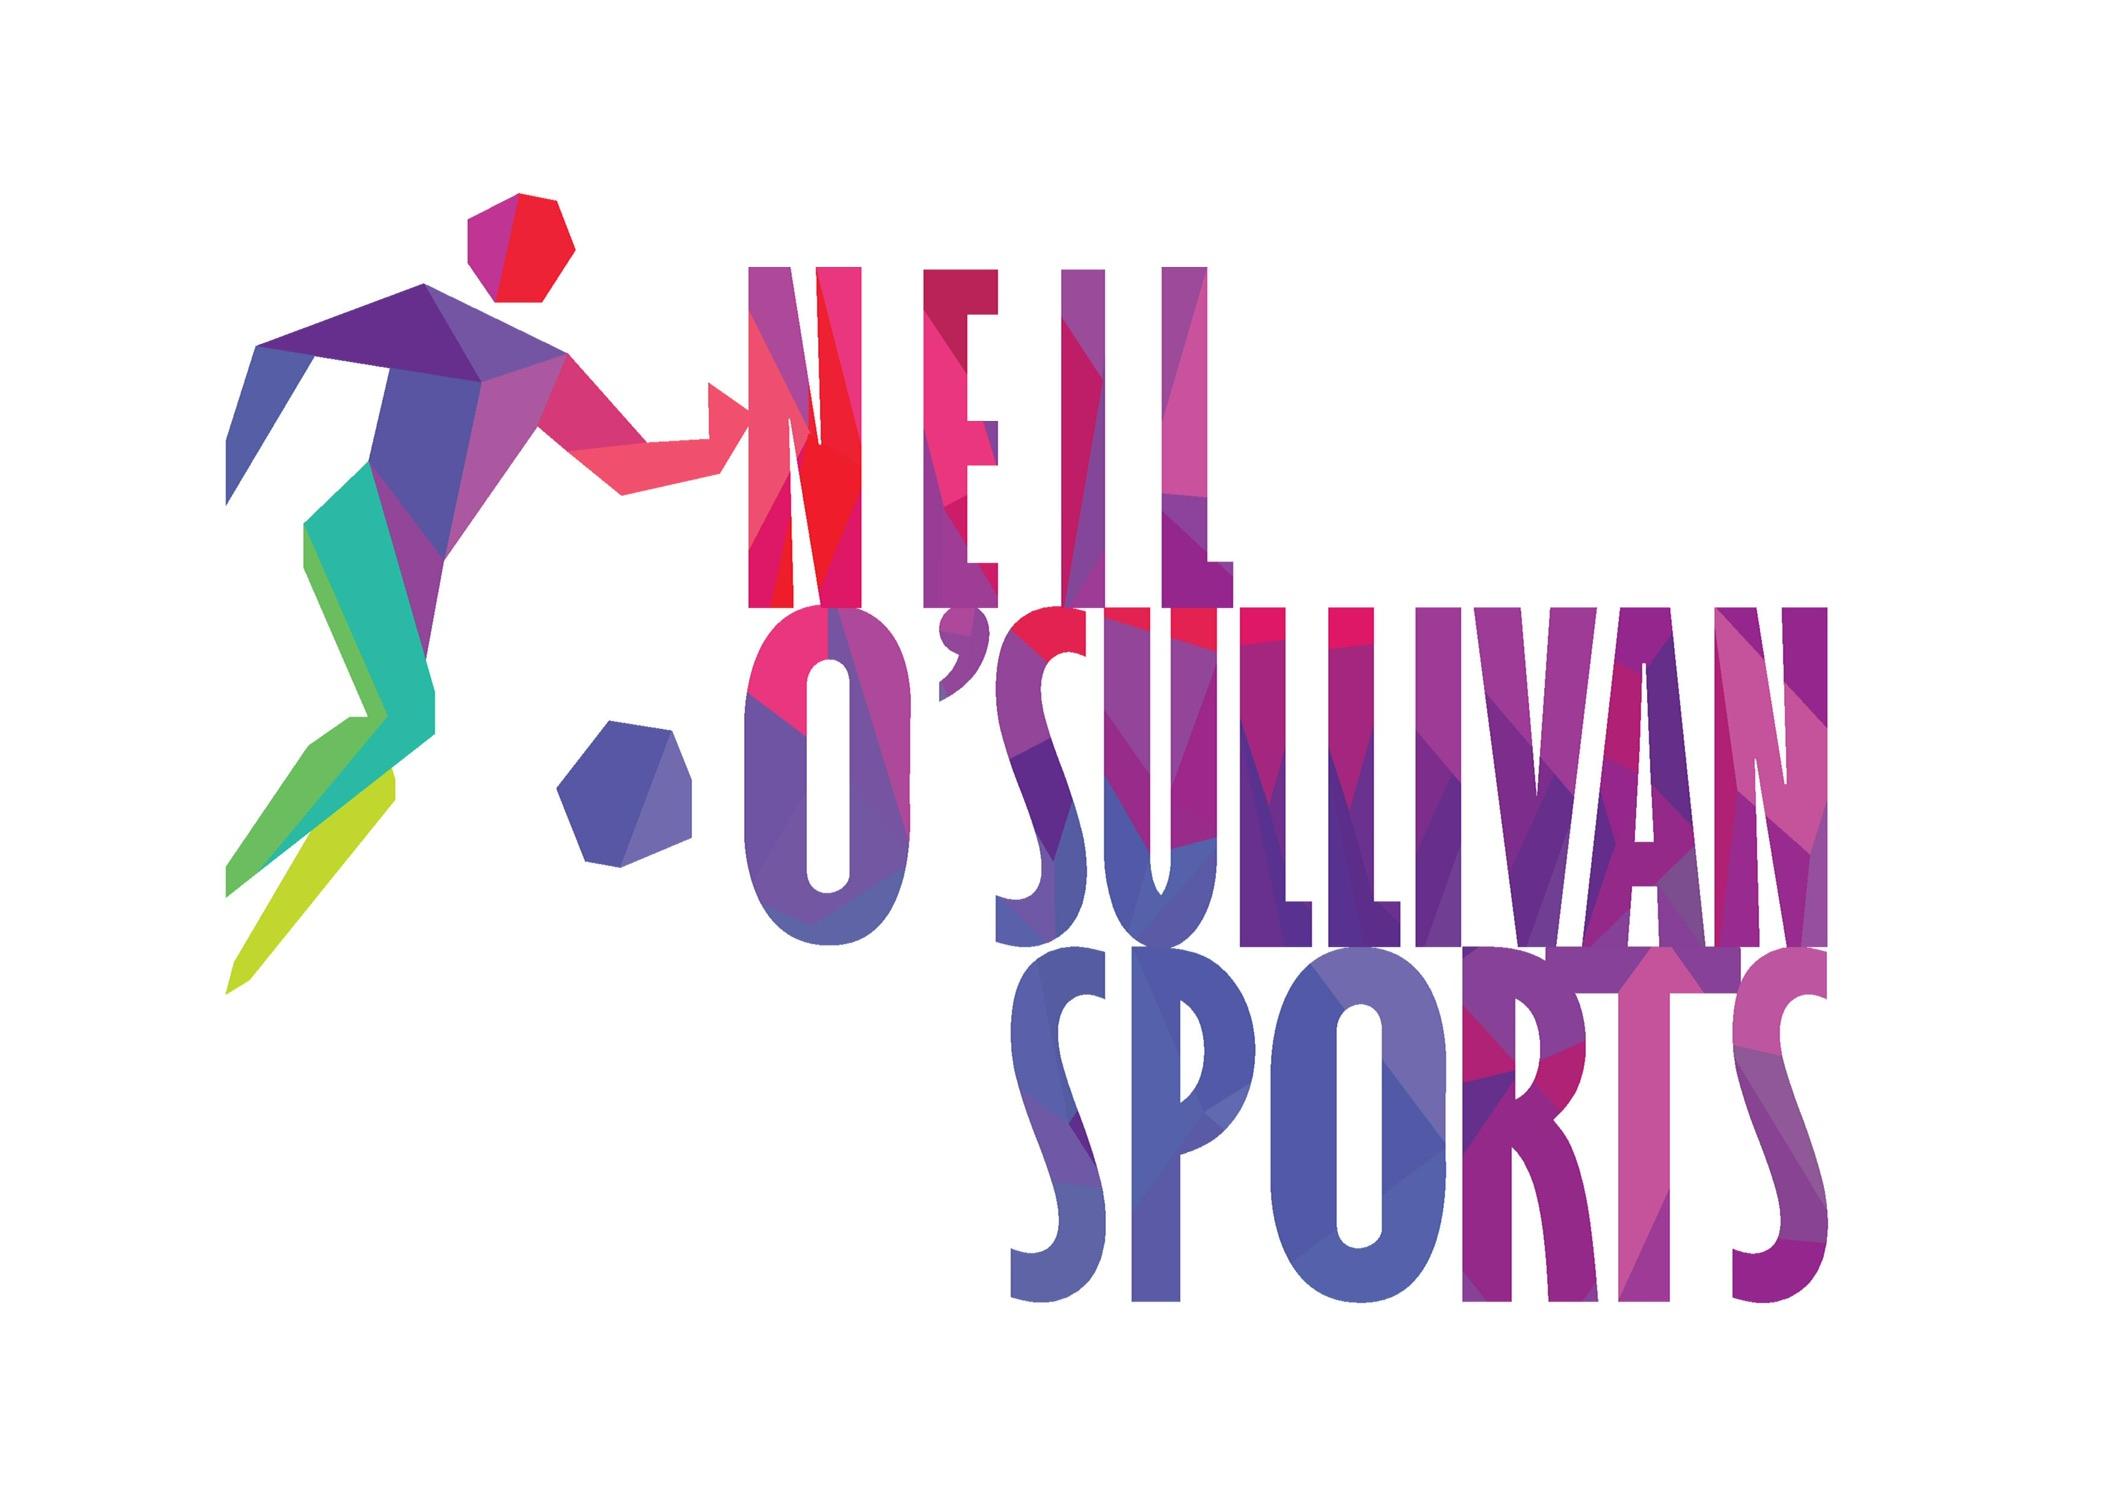 Neil O'Sullivan Sports